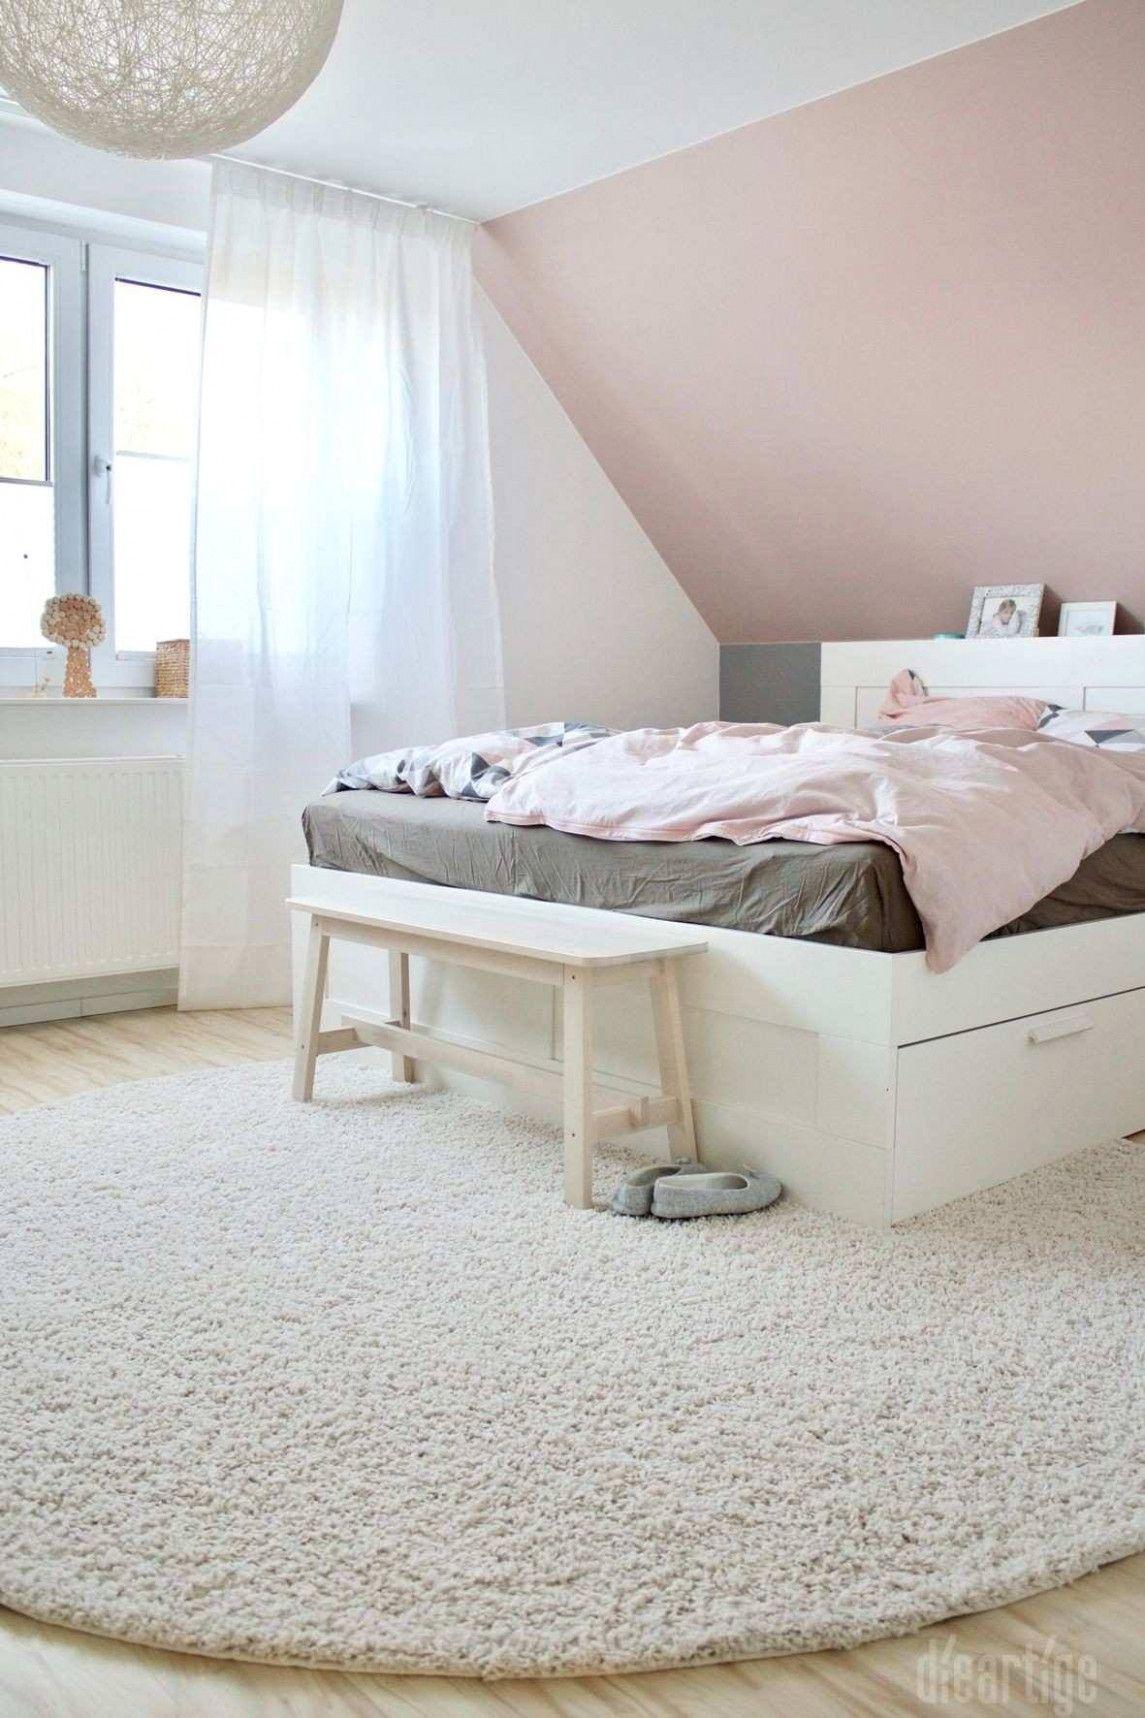 11 Qm Schlafzimmer Einrichten Images In 2020 Zimmer Einrichten Zimmer Altrosa Schlafzimmer